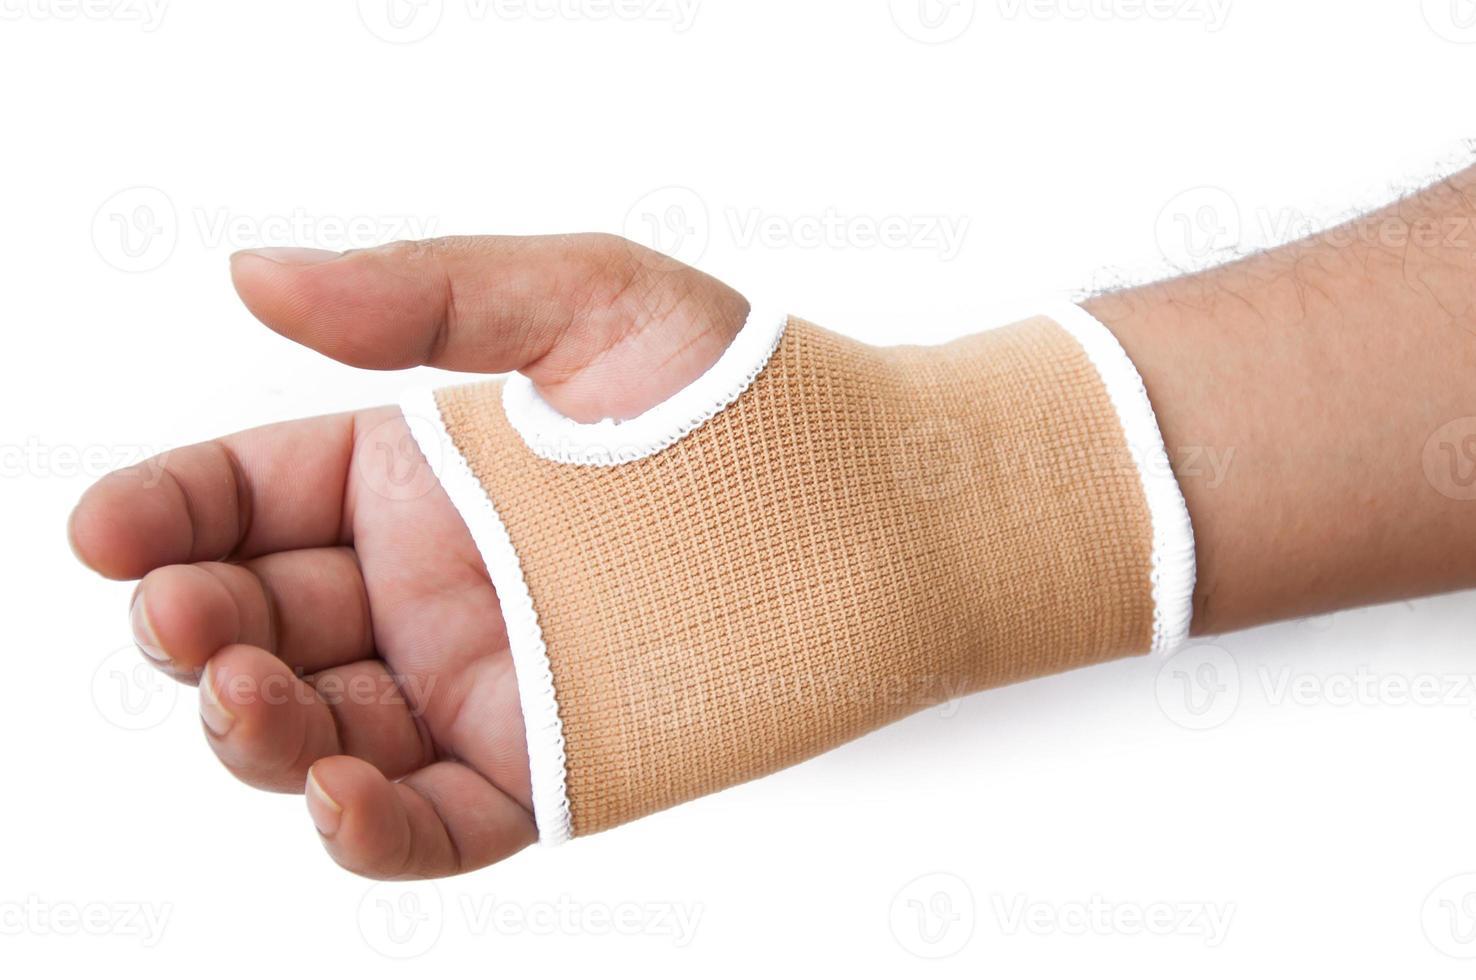 mannenhand gebaren dragen neopreen polssteun over wit foto